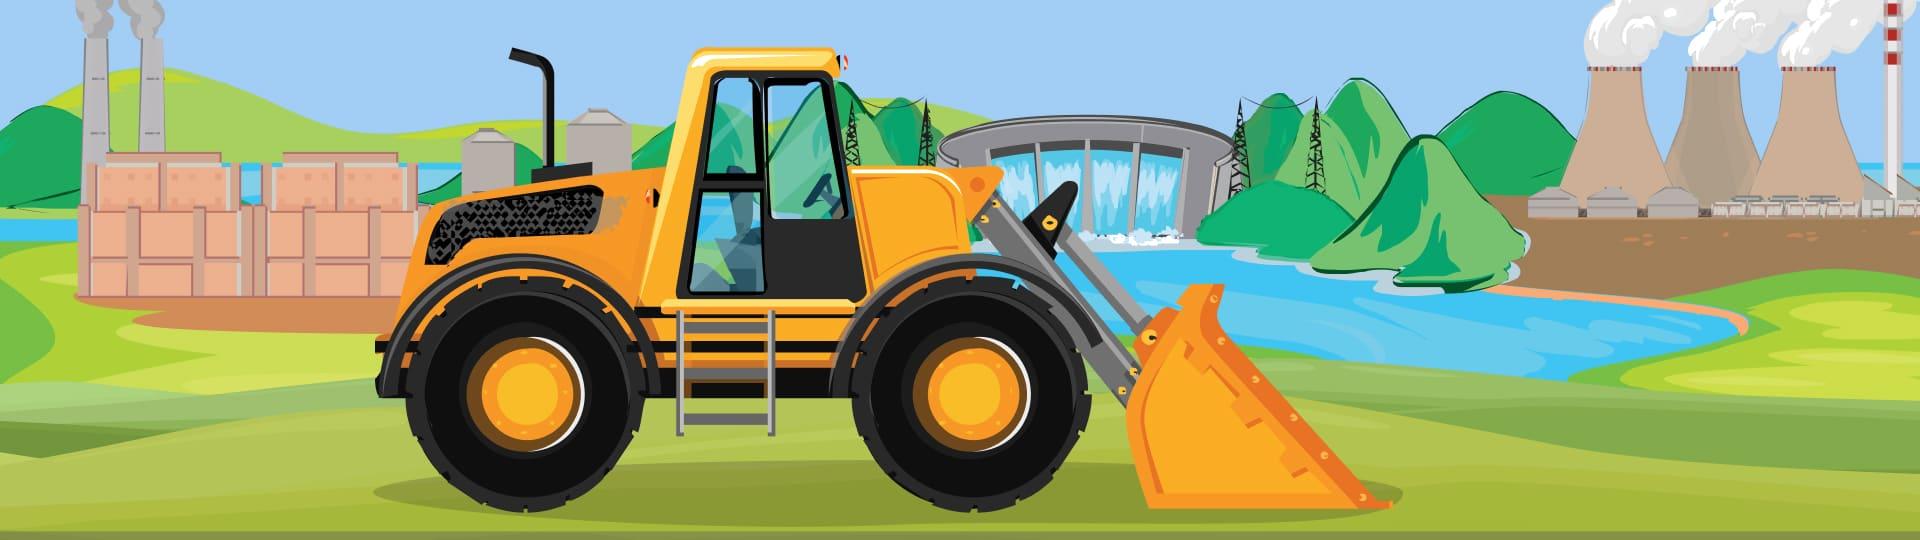 GPS мониторинг и контроль топлива на транспорте